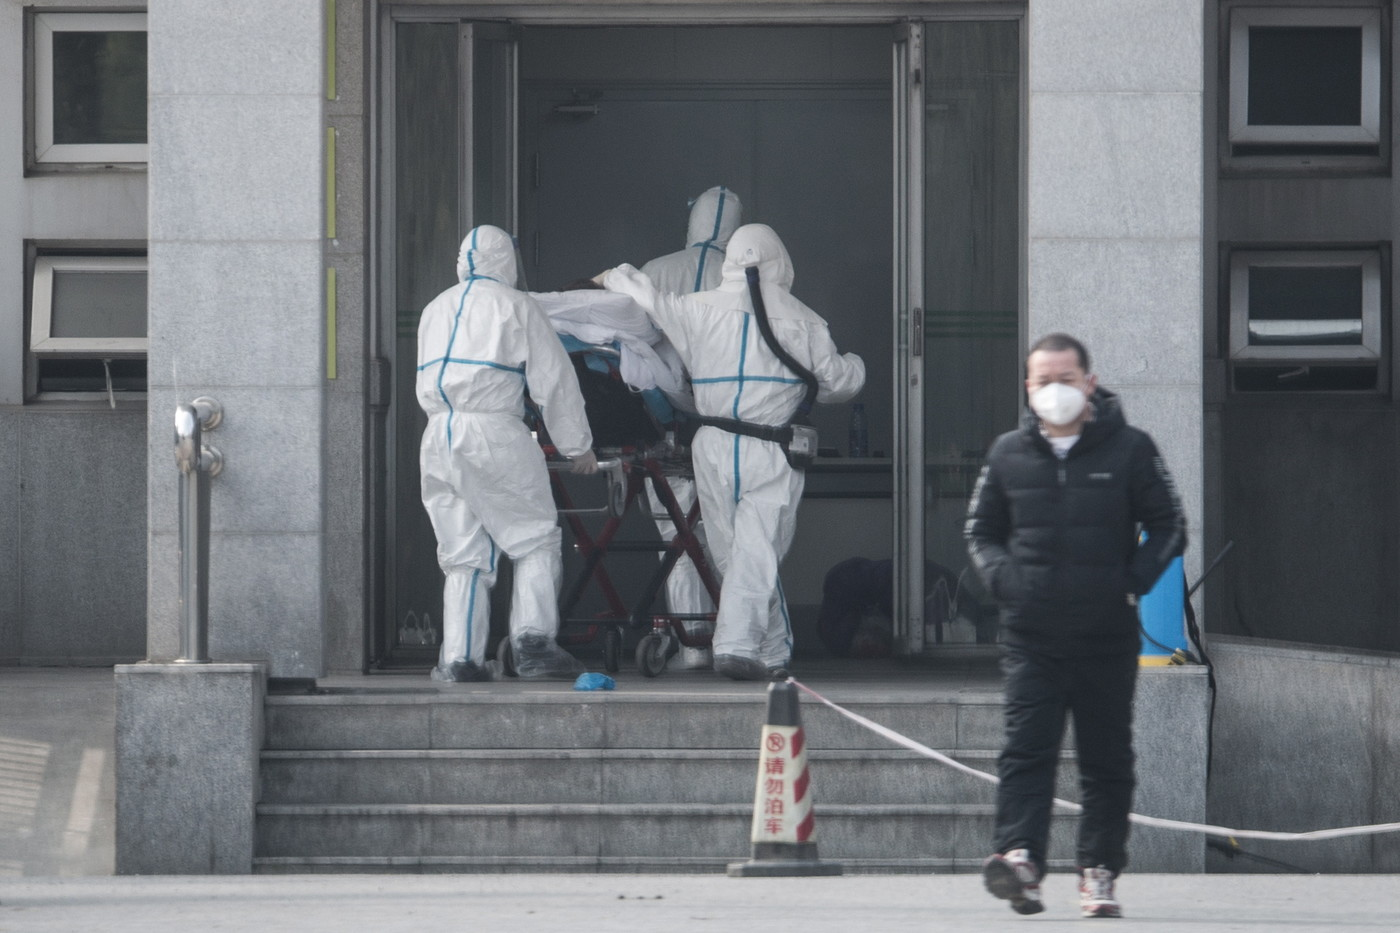 Coronavirus: 46 morts supplémentaires au Hubei, un total de 259 décès en Chine